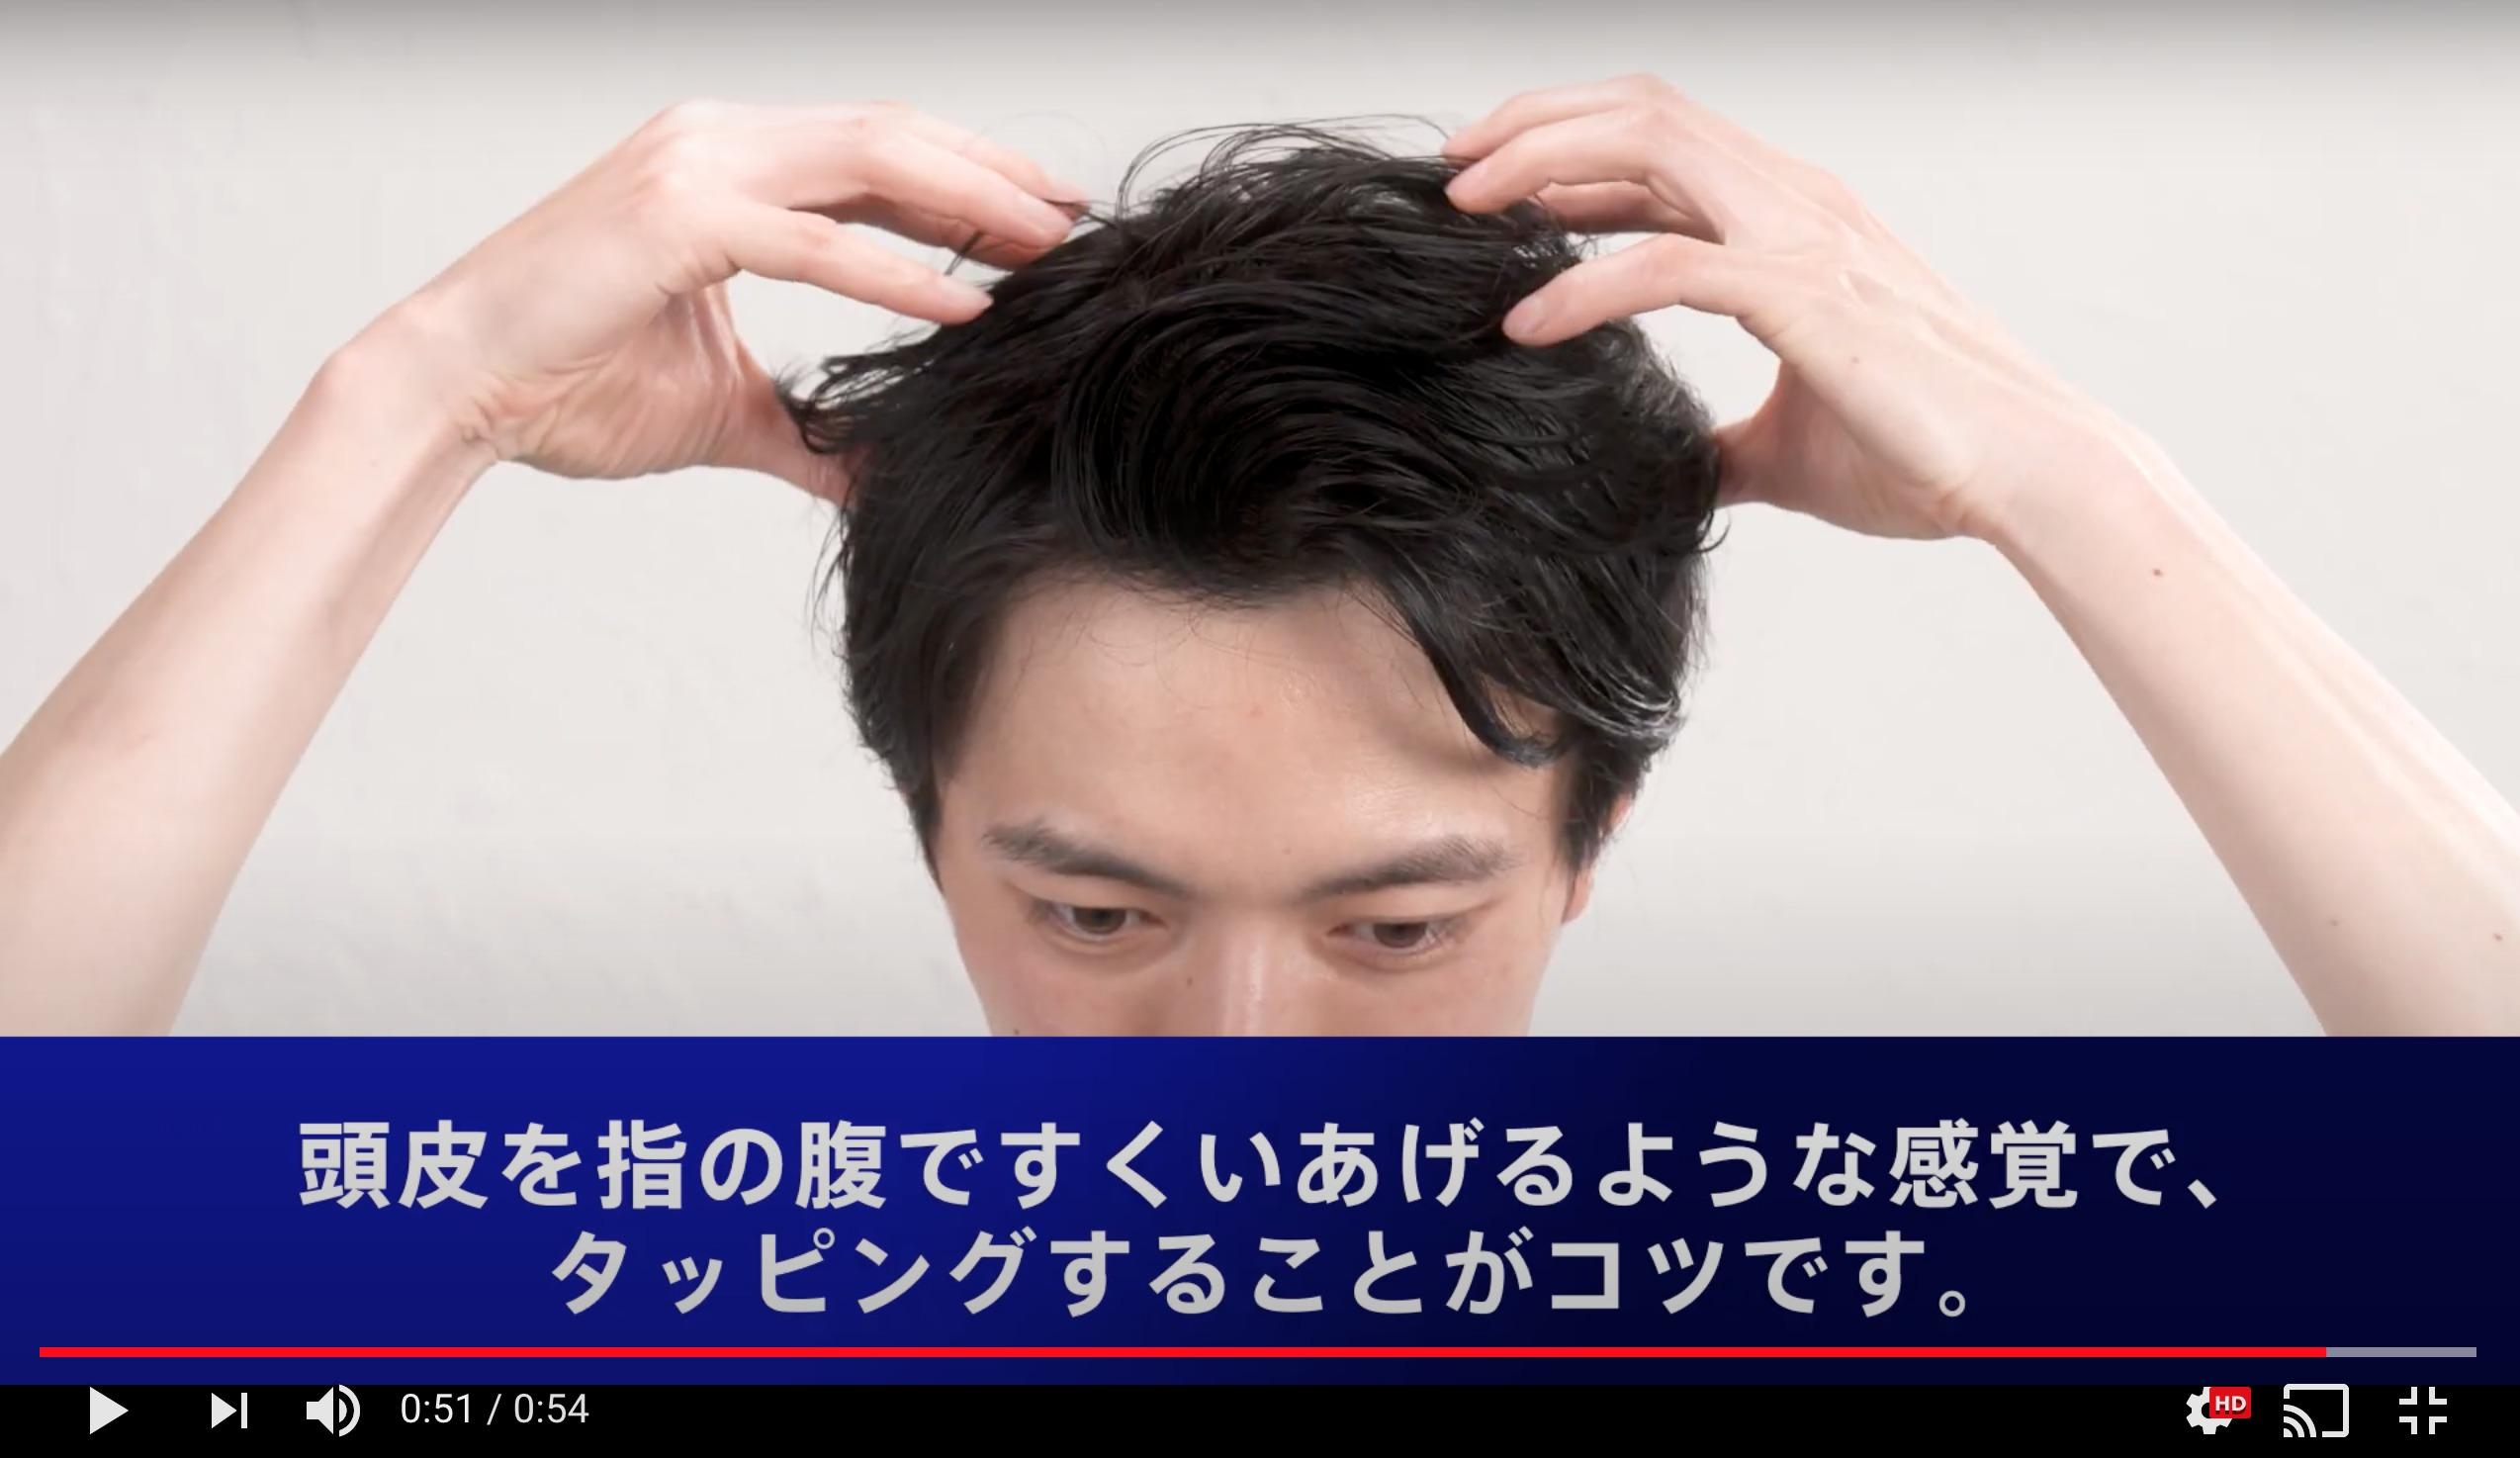 サクセス使い方 頭皮全体をマッサージ